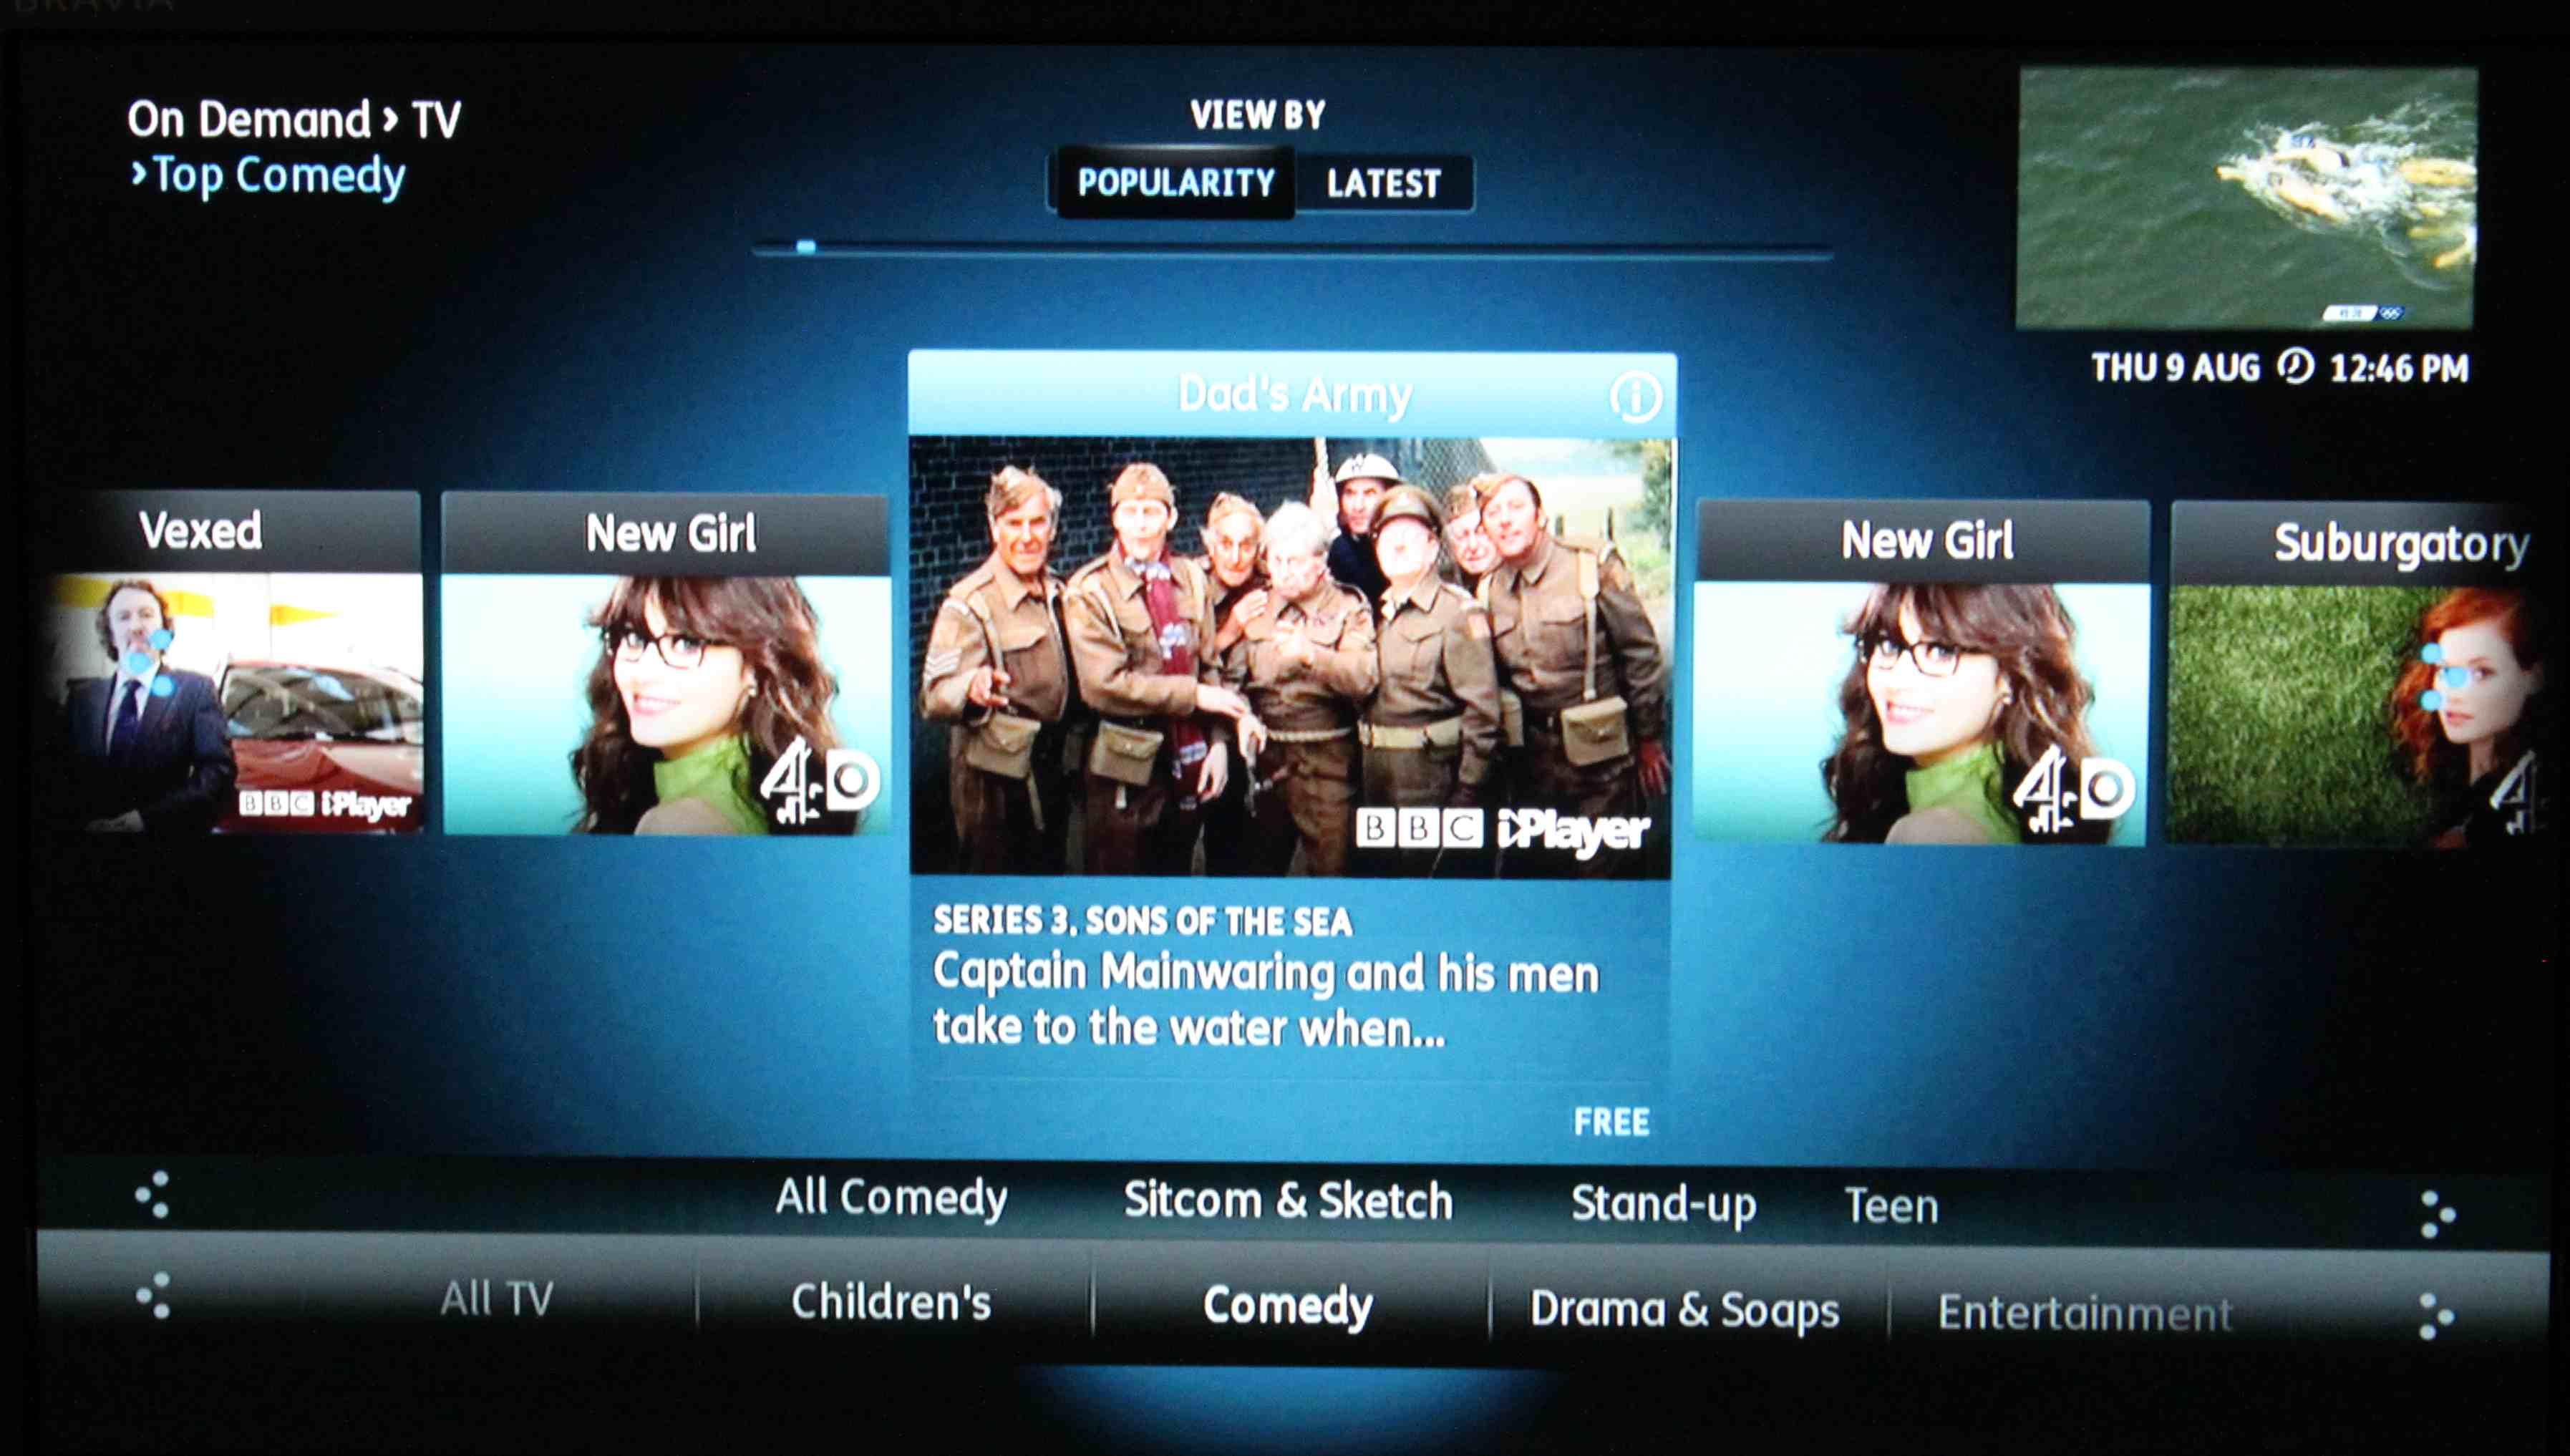 BT TV App takes on Sky Go and Ultraviolet | TechRadar